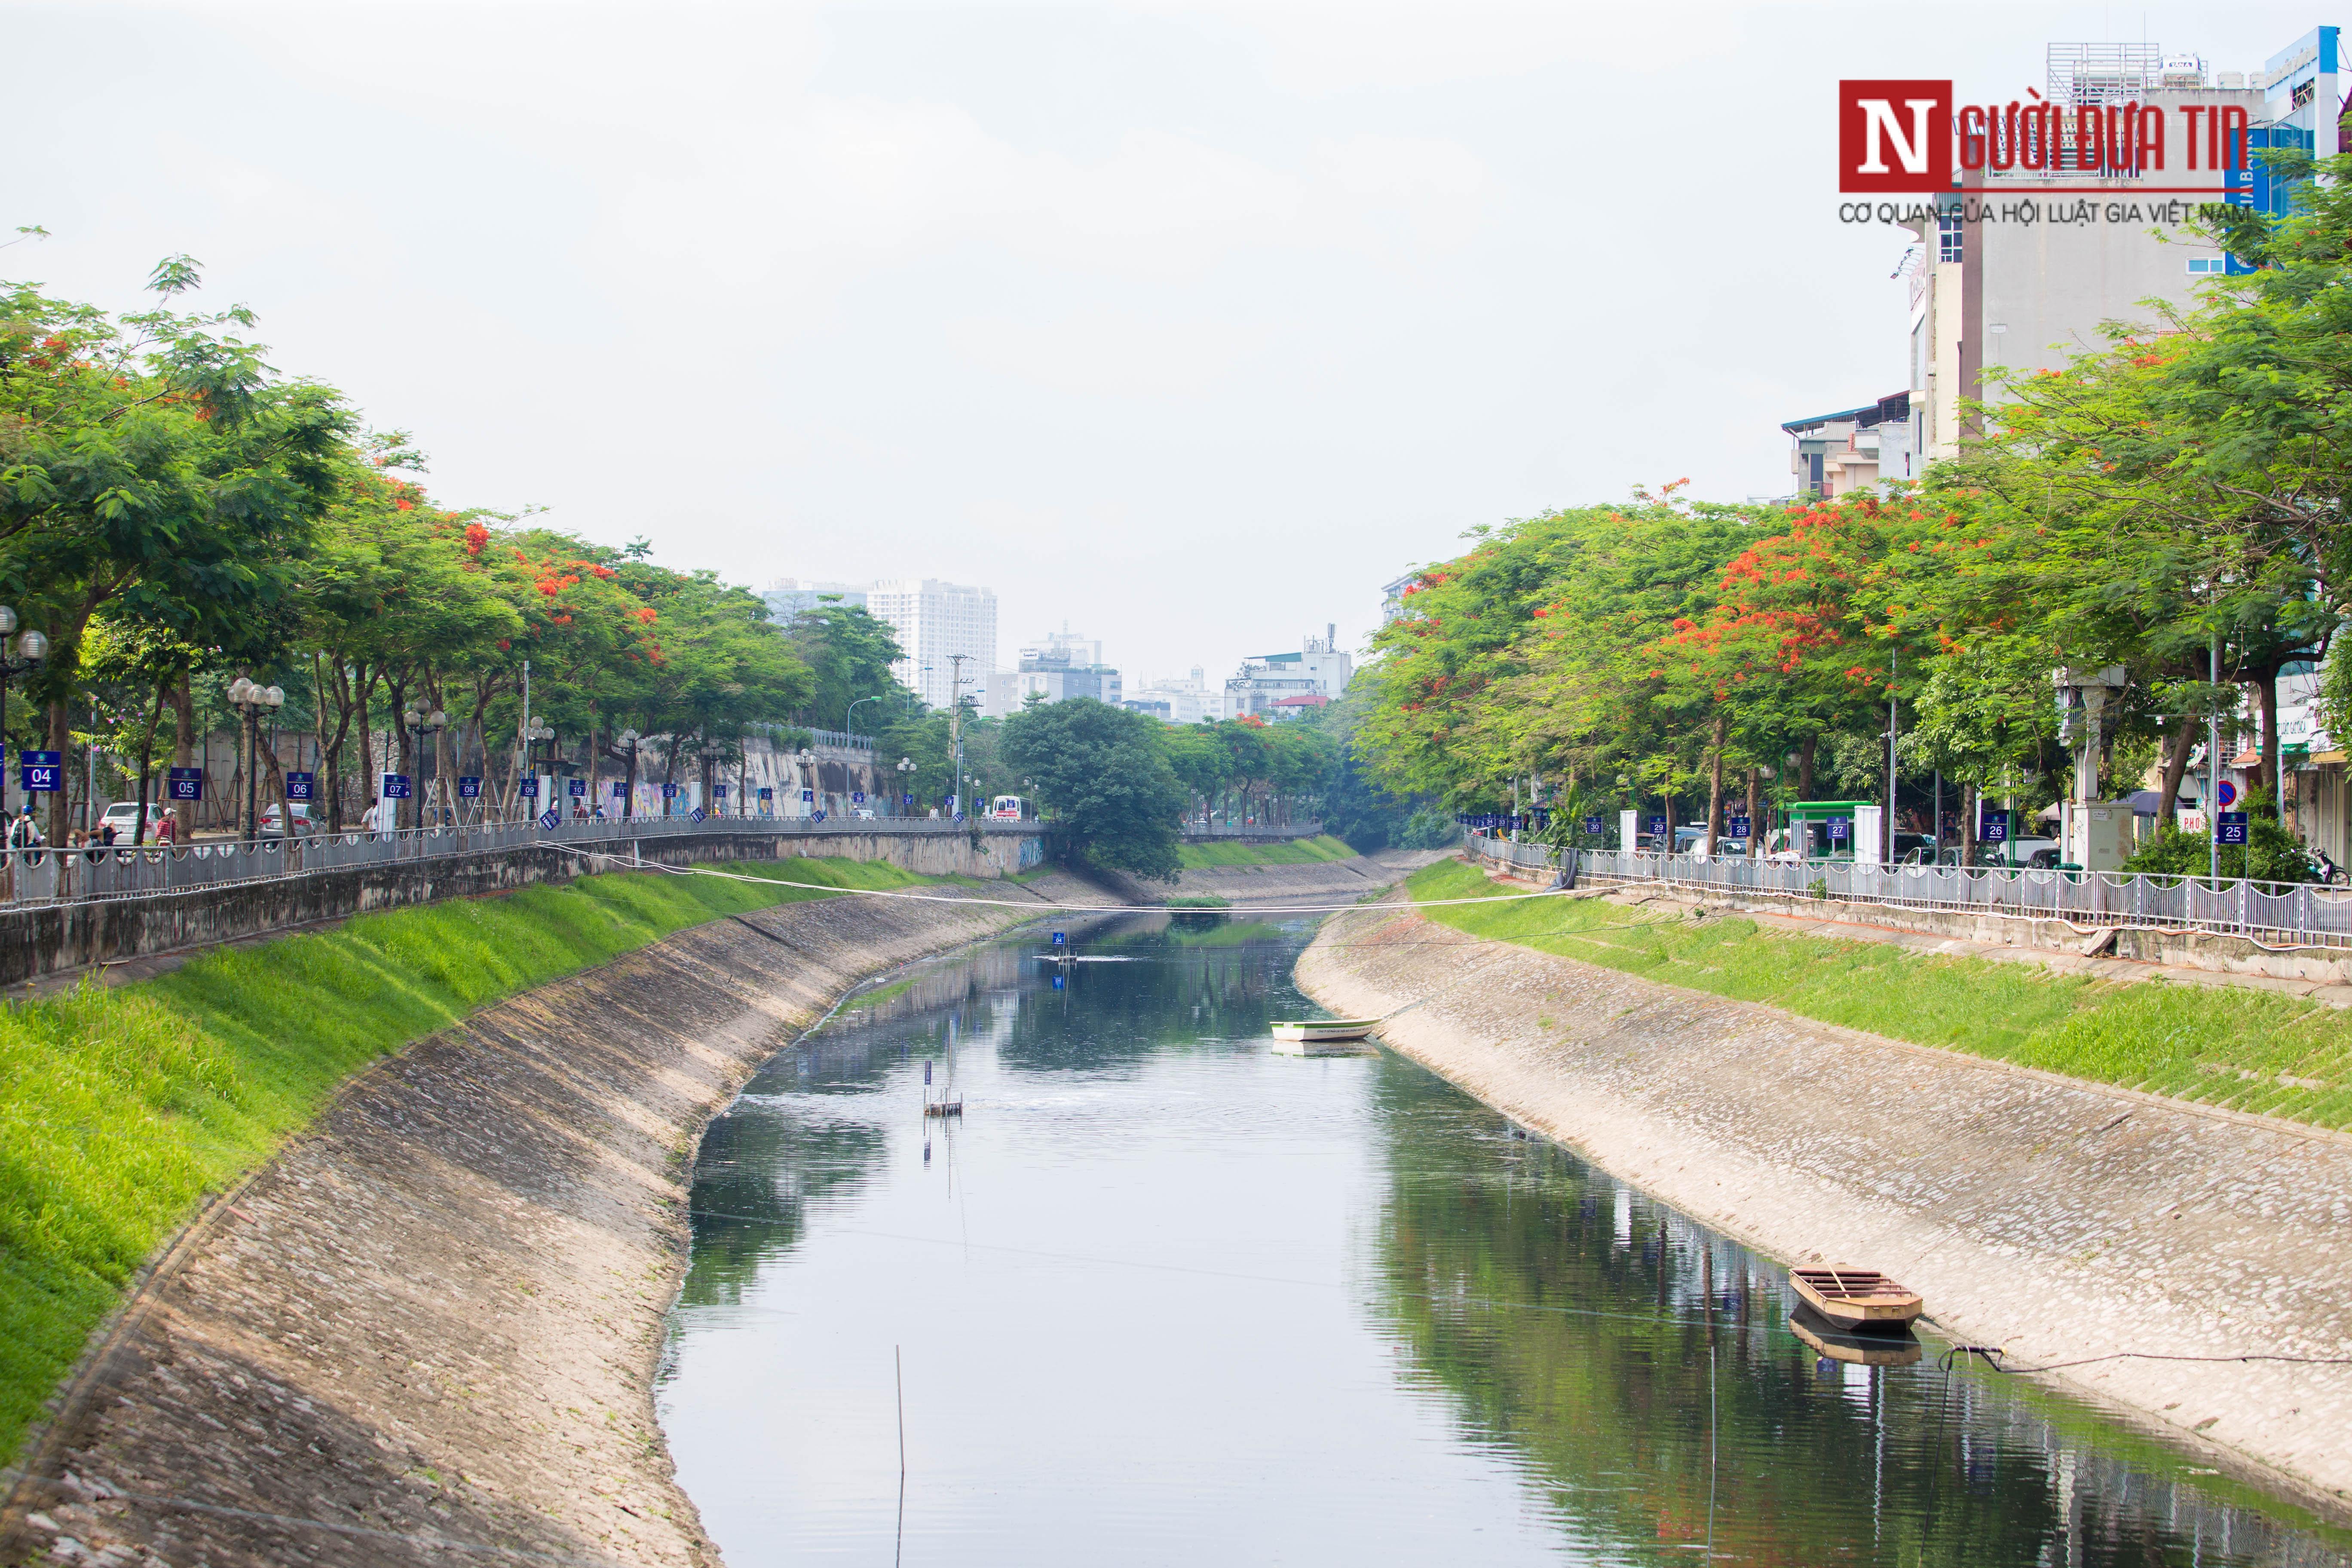 Bơm nước sông Hồng 'cứu' sông Tô Lịch: 'Có tiền bơm rửa thì cũng chuyển ô nhiễm sang cho nơi khác' Ảnh 1